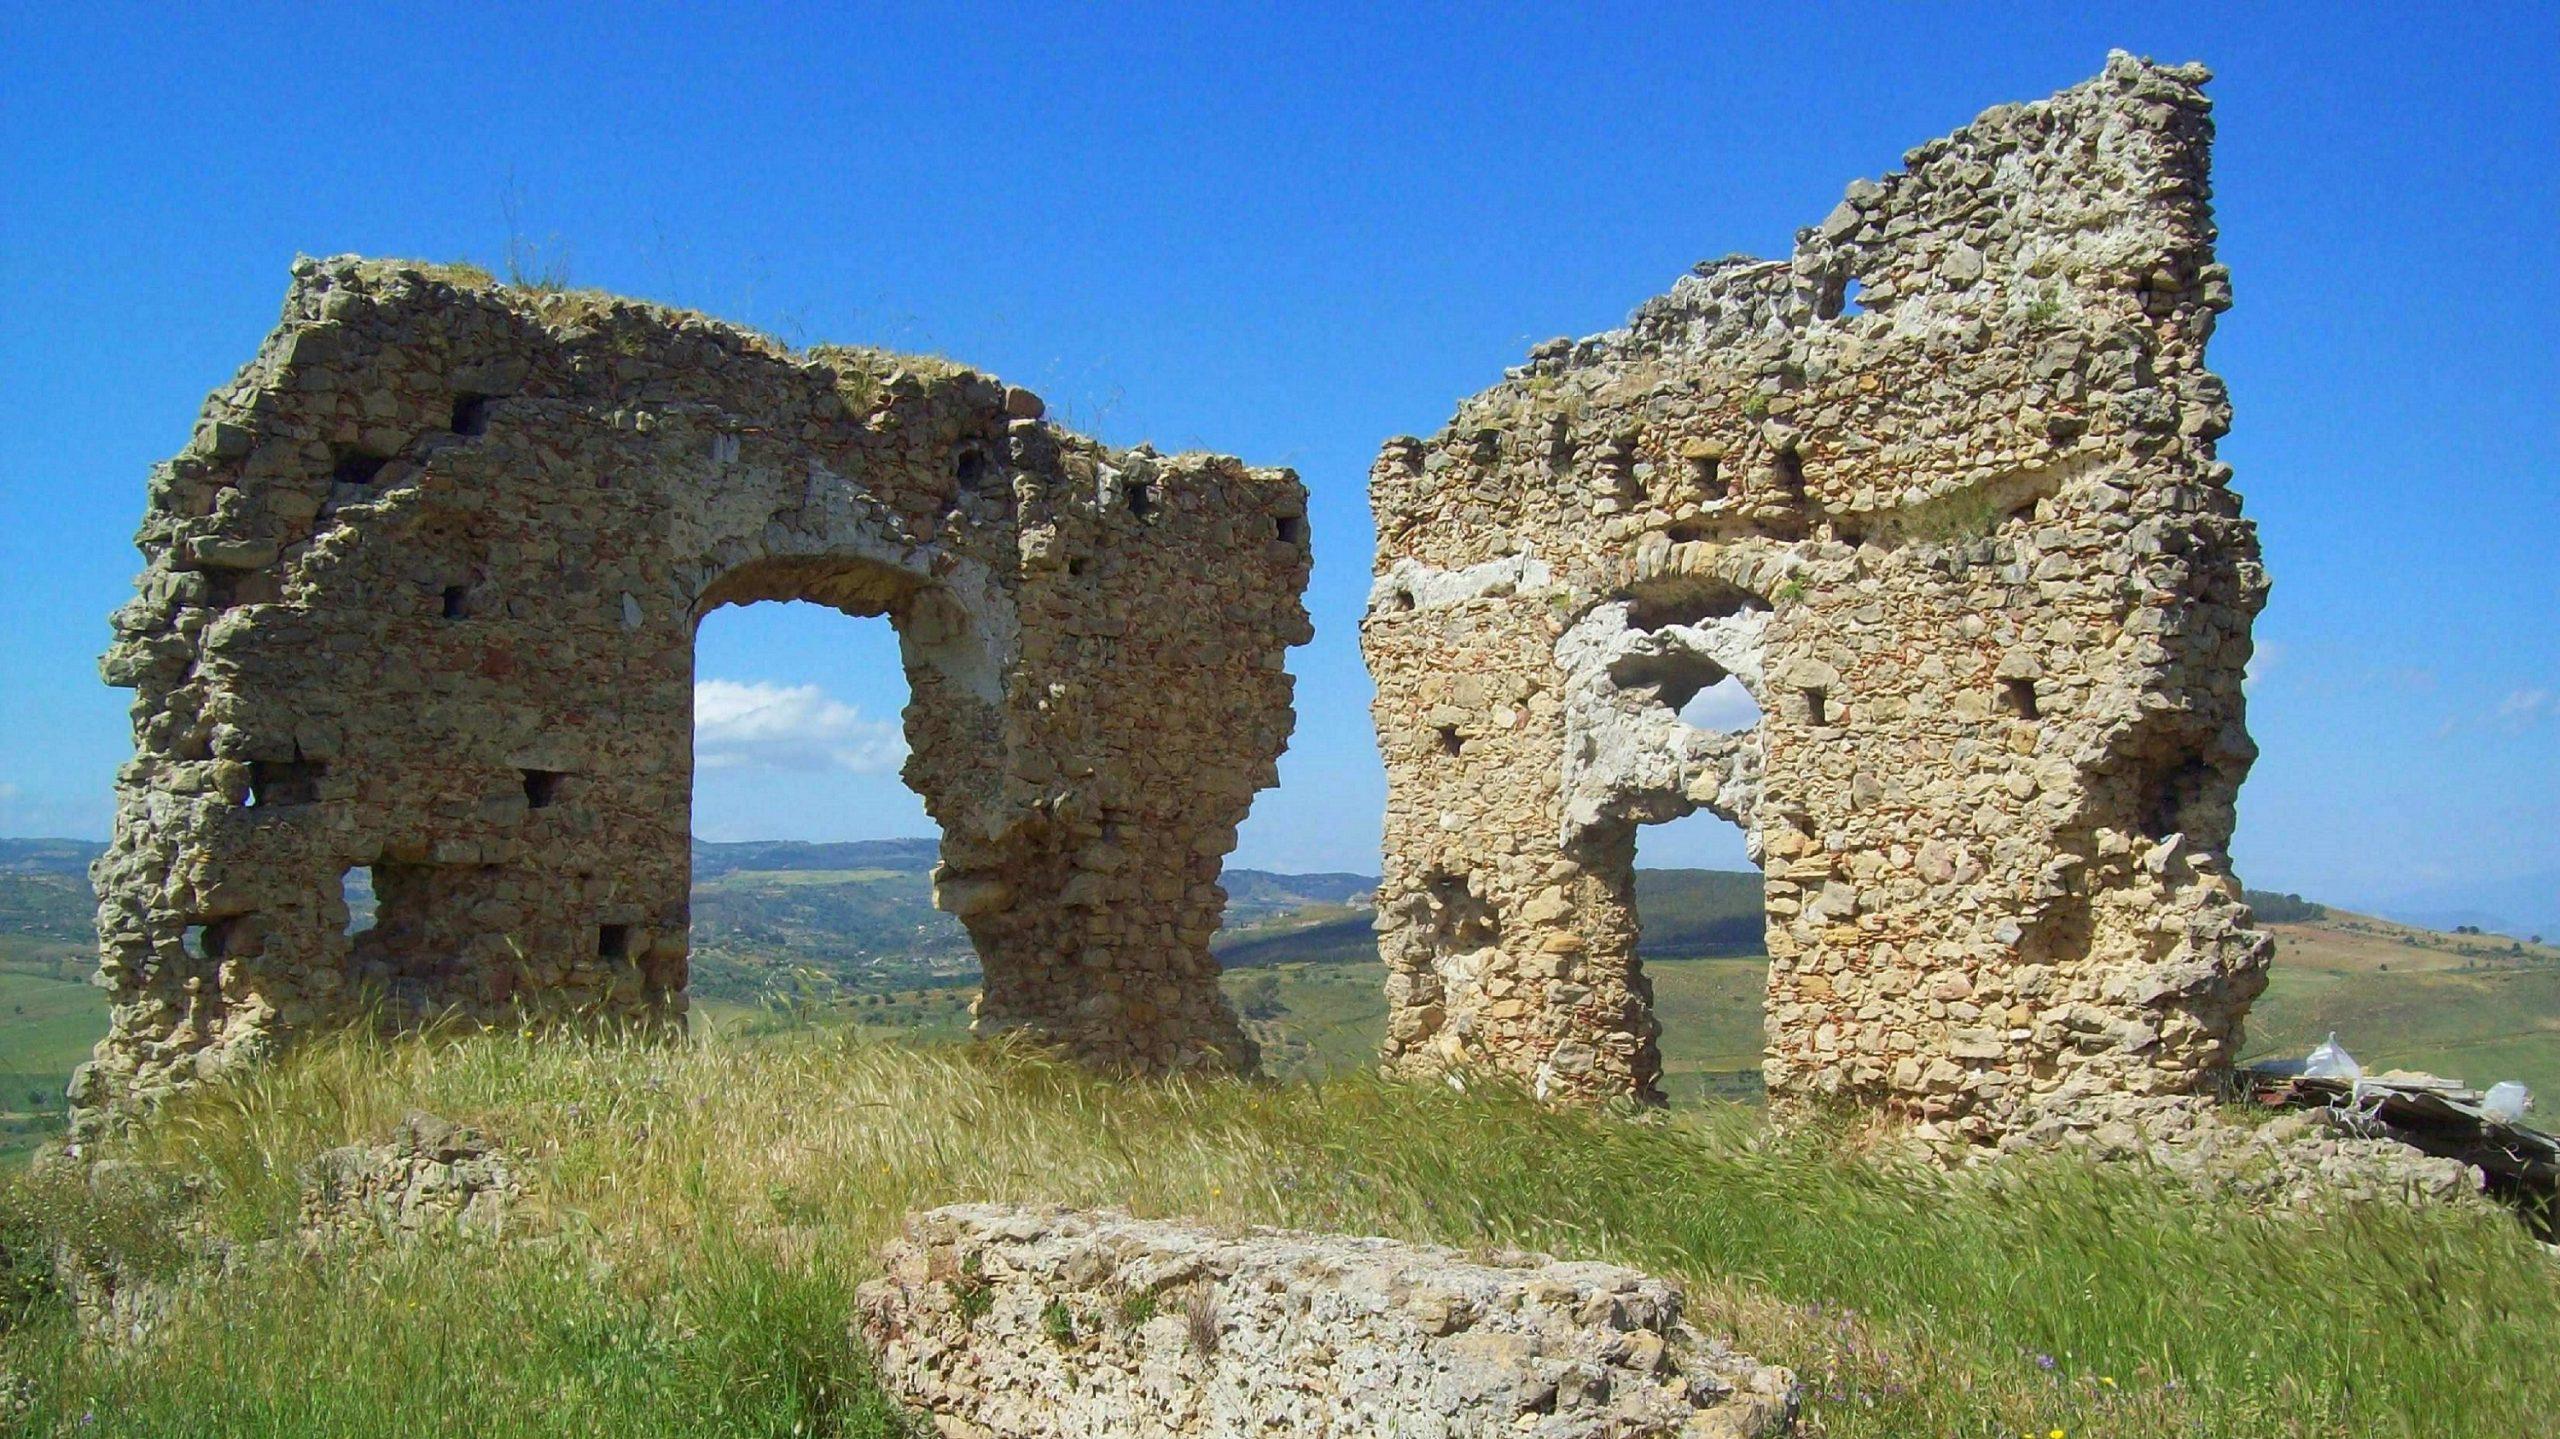 Castello Gravina San Michele di Ganzaria